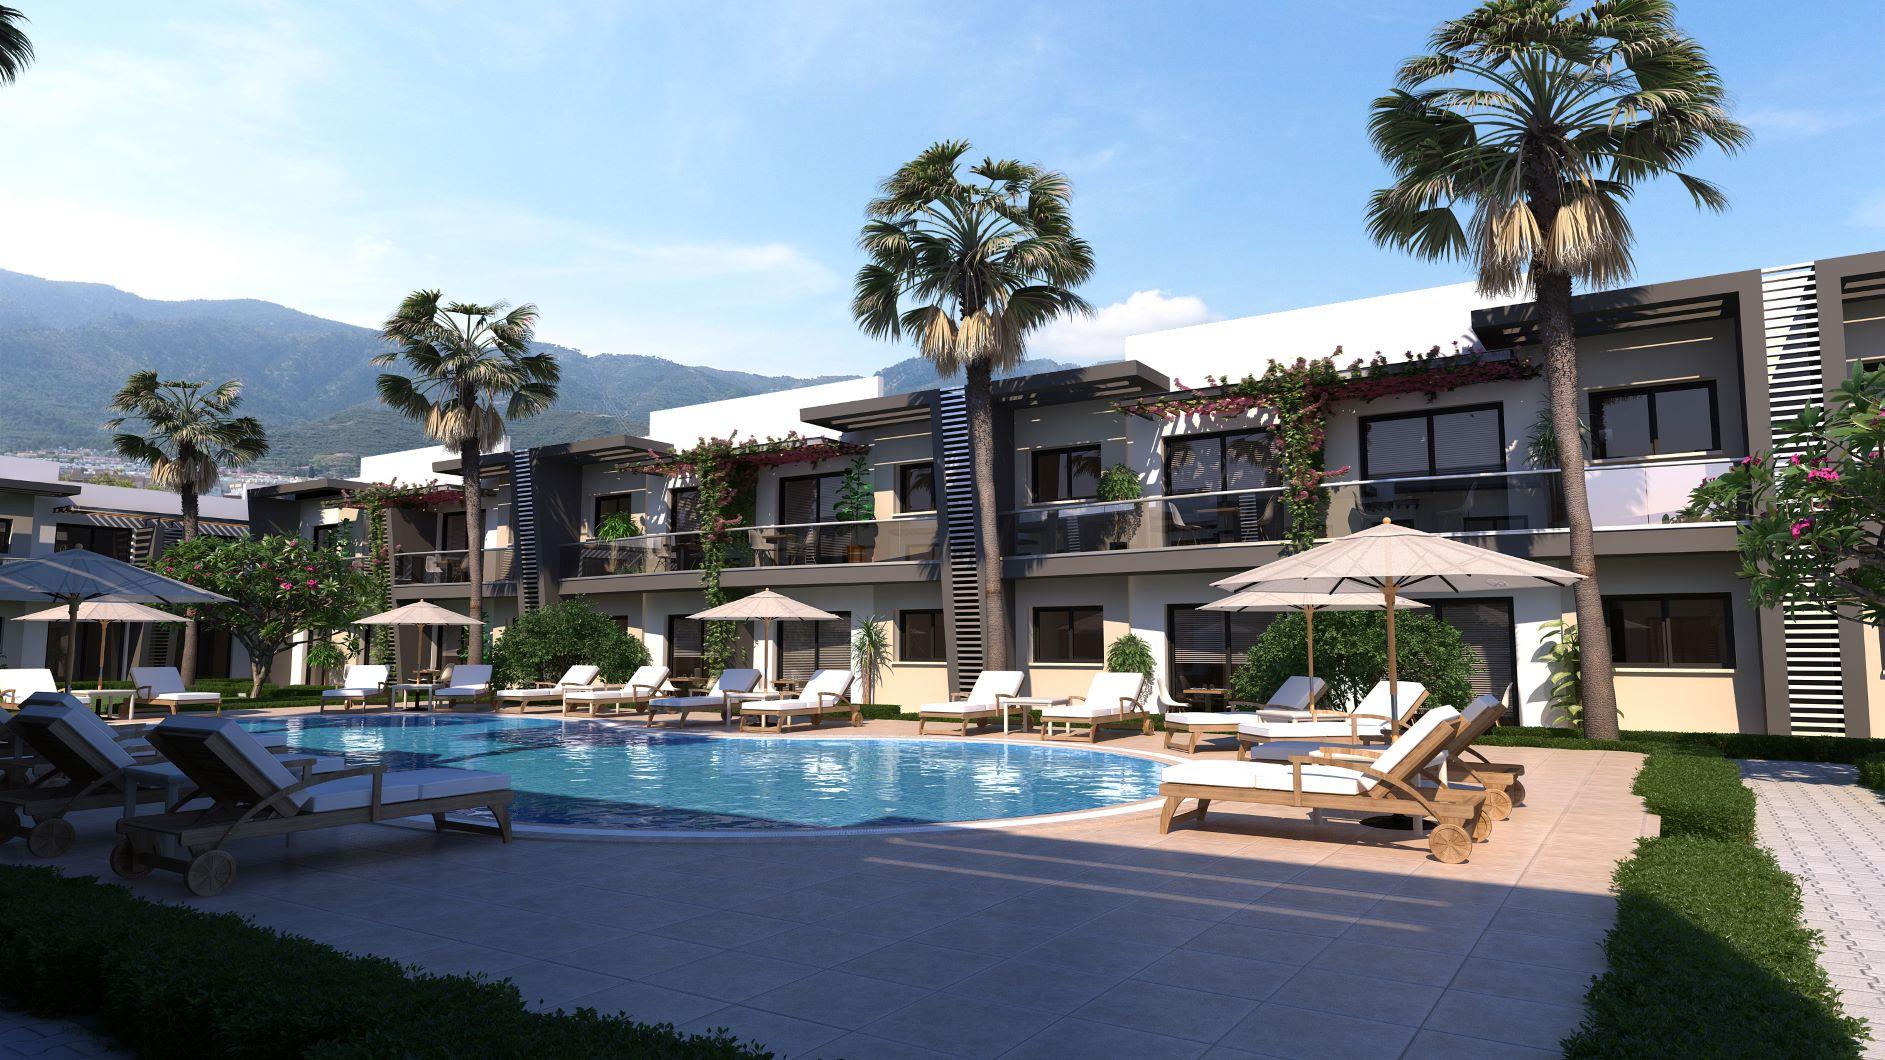 Форум кипр недвижимость квартиры в швейцарии